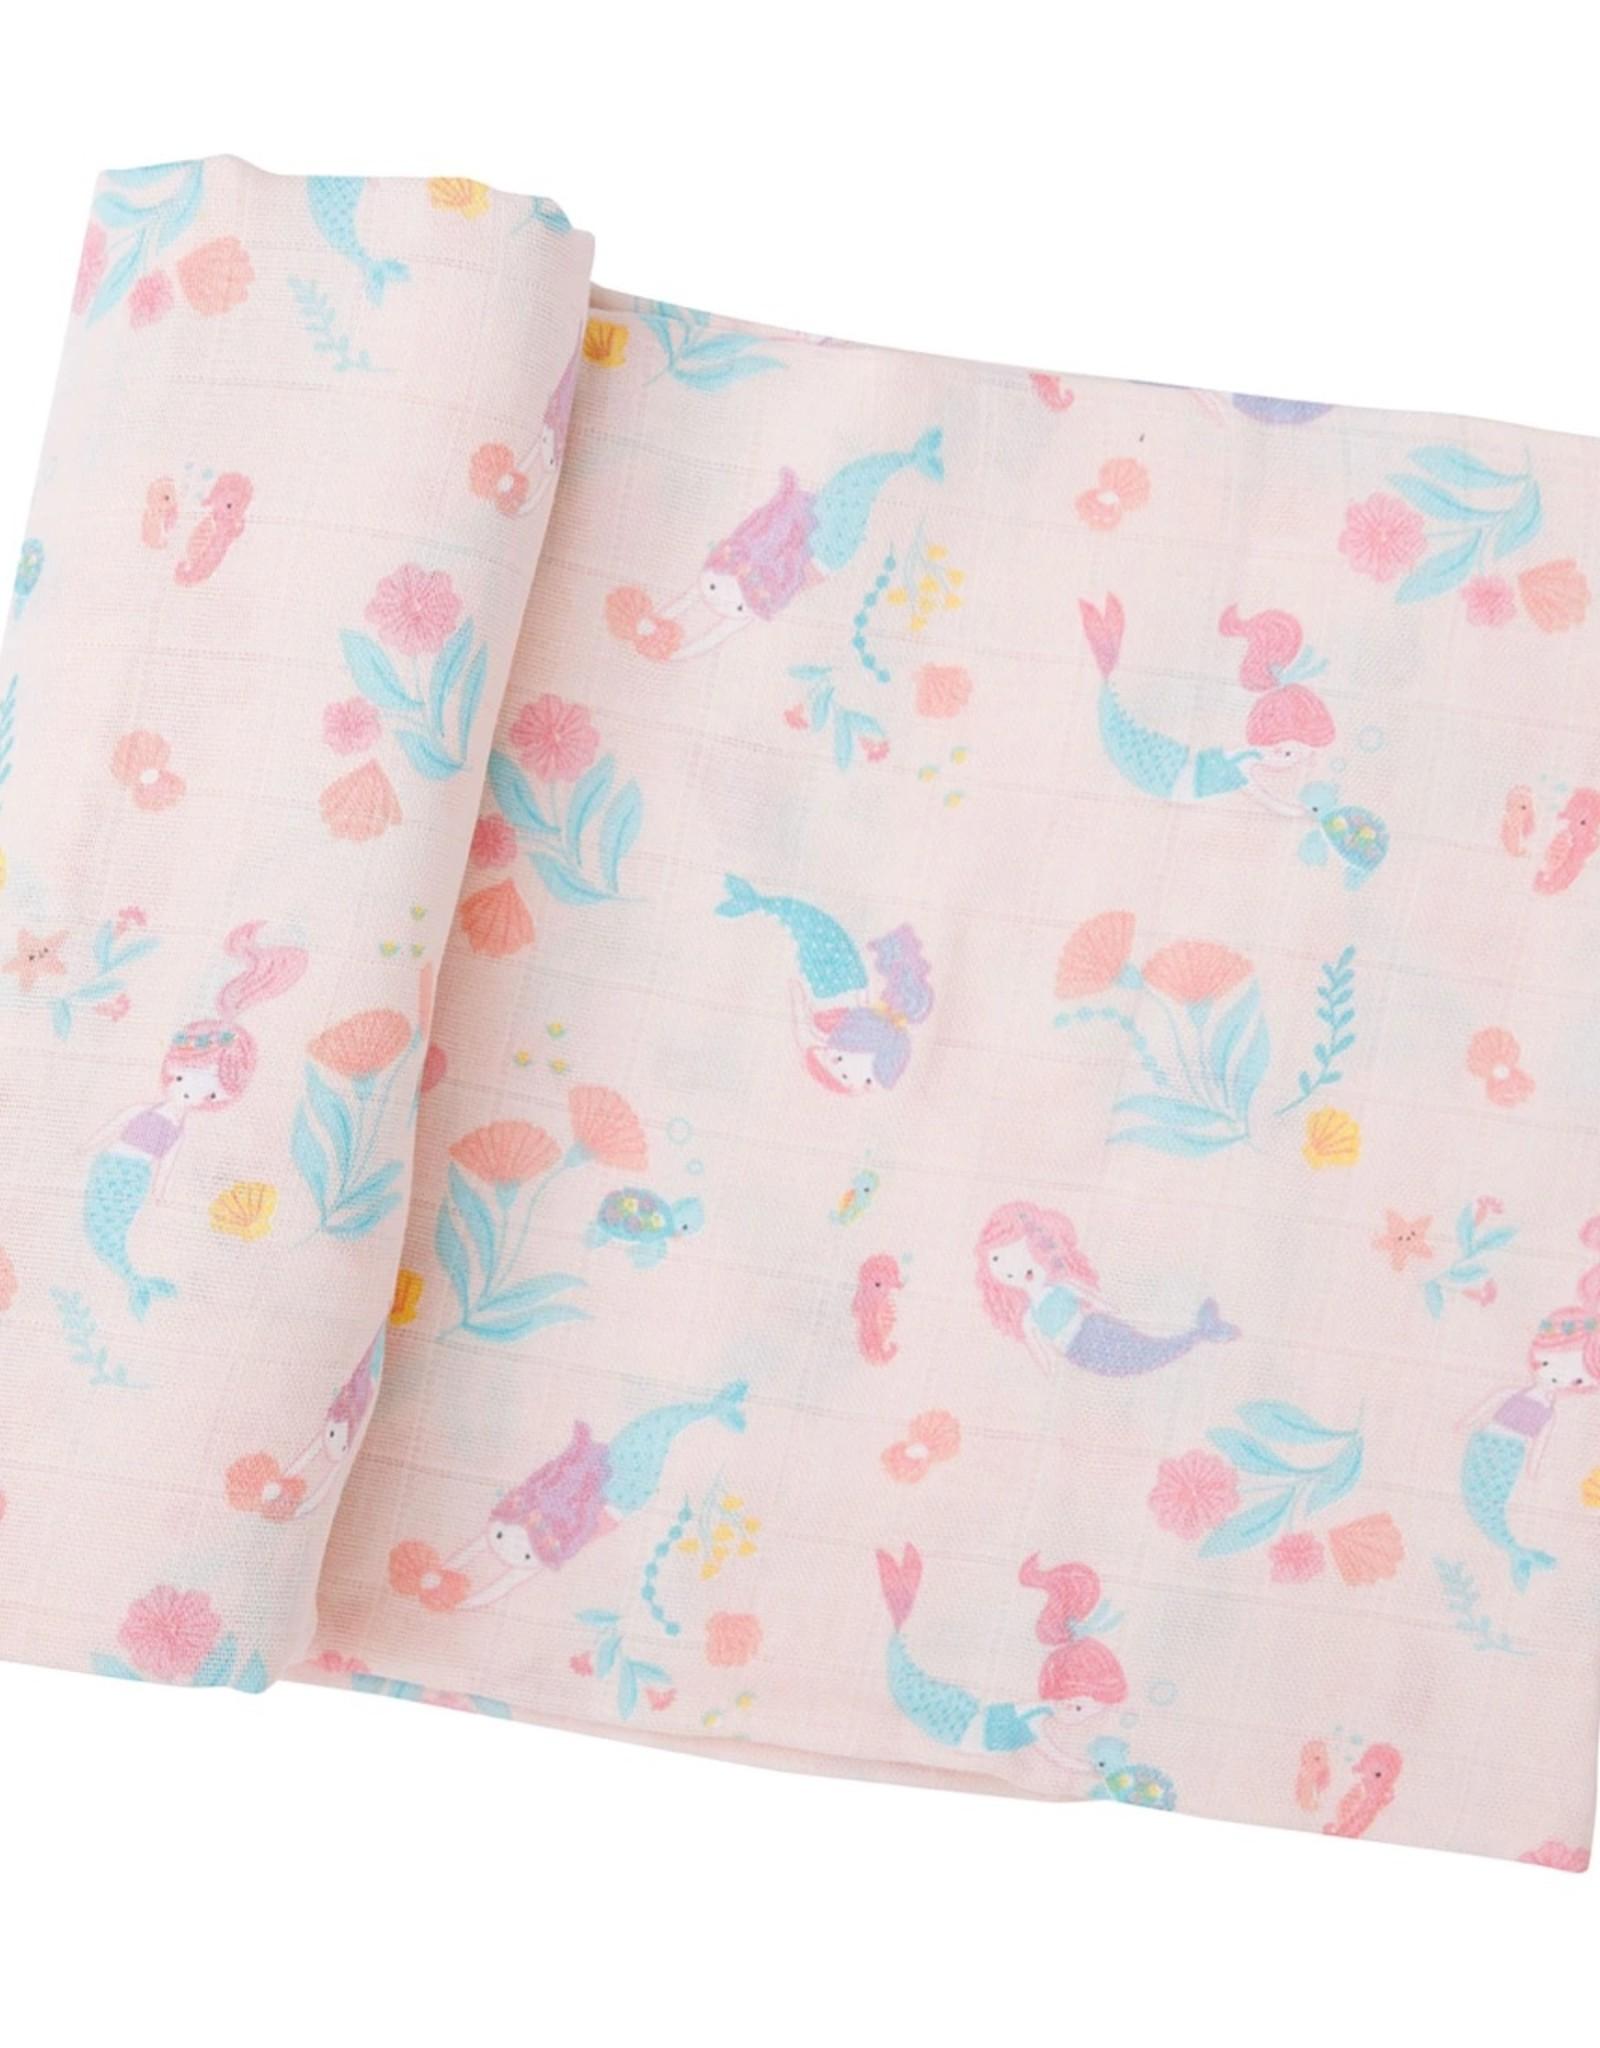 Angel Dear Mermaids Swaddle Blanket Pink